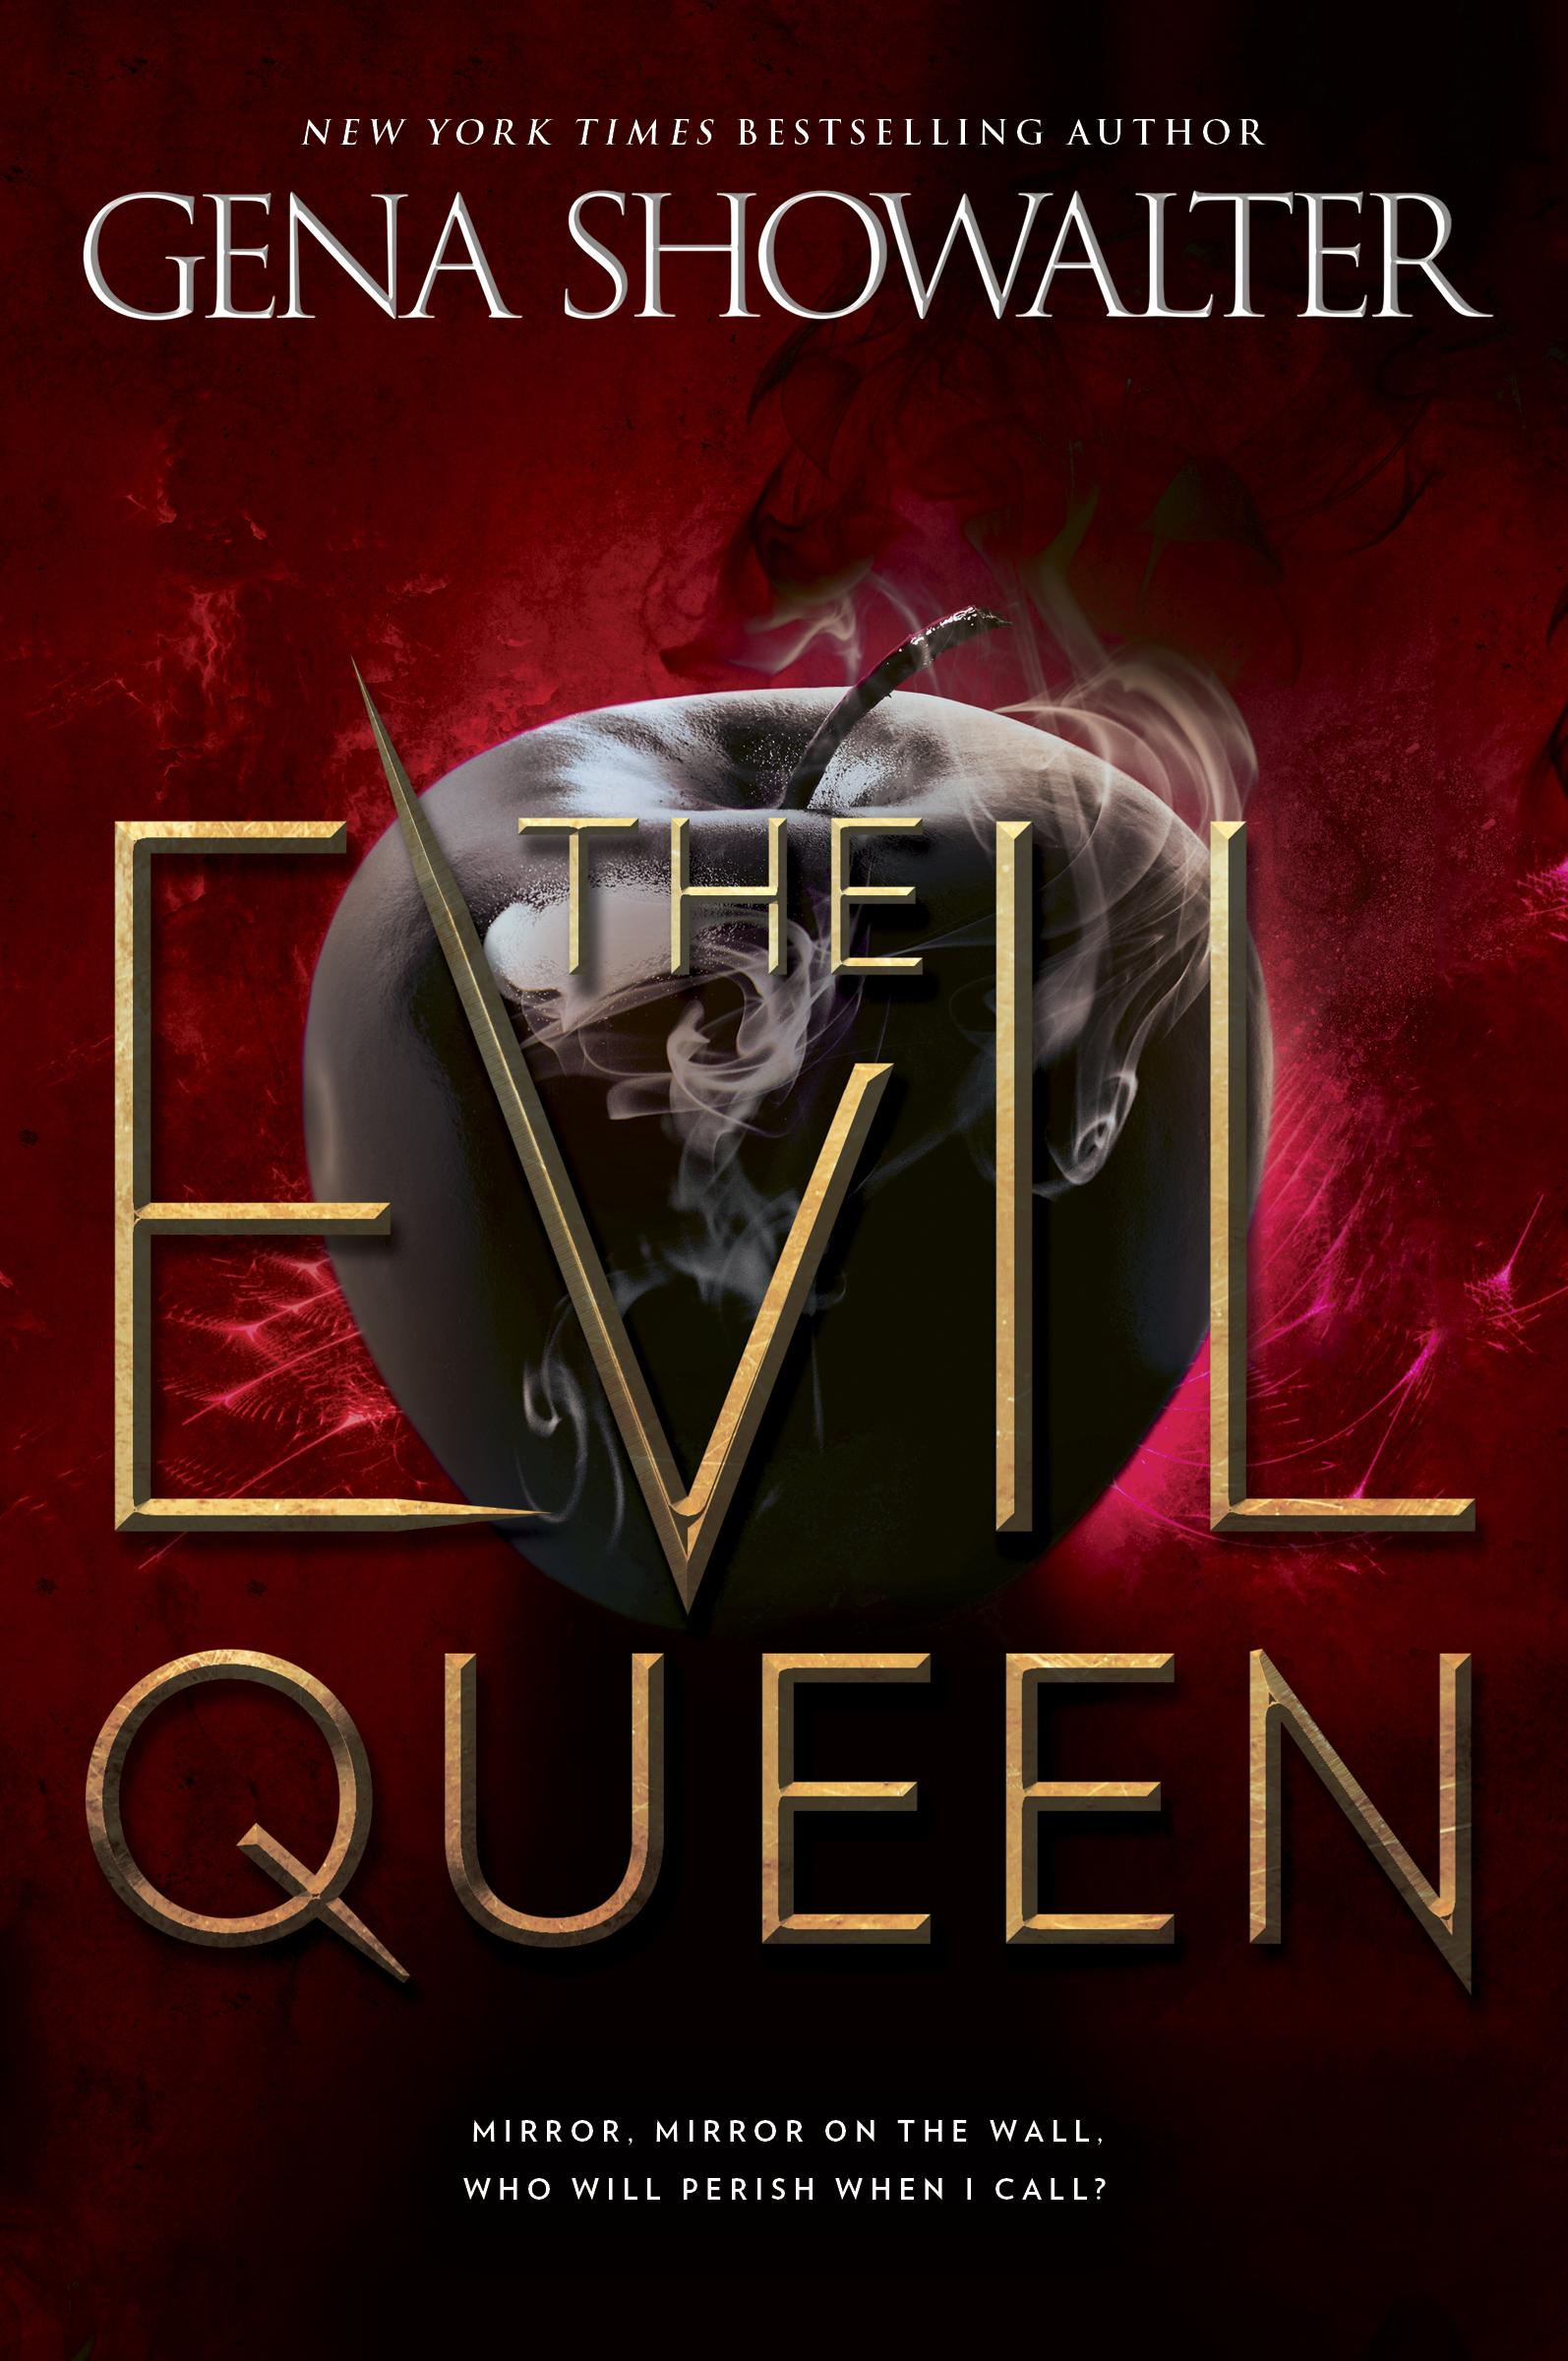 The Evil QueenbyGena Showalter